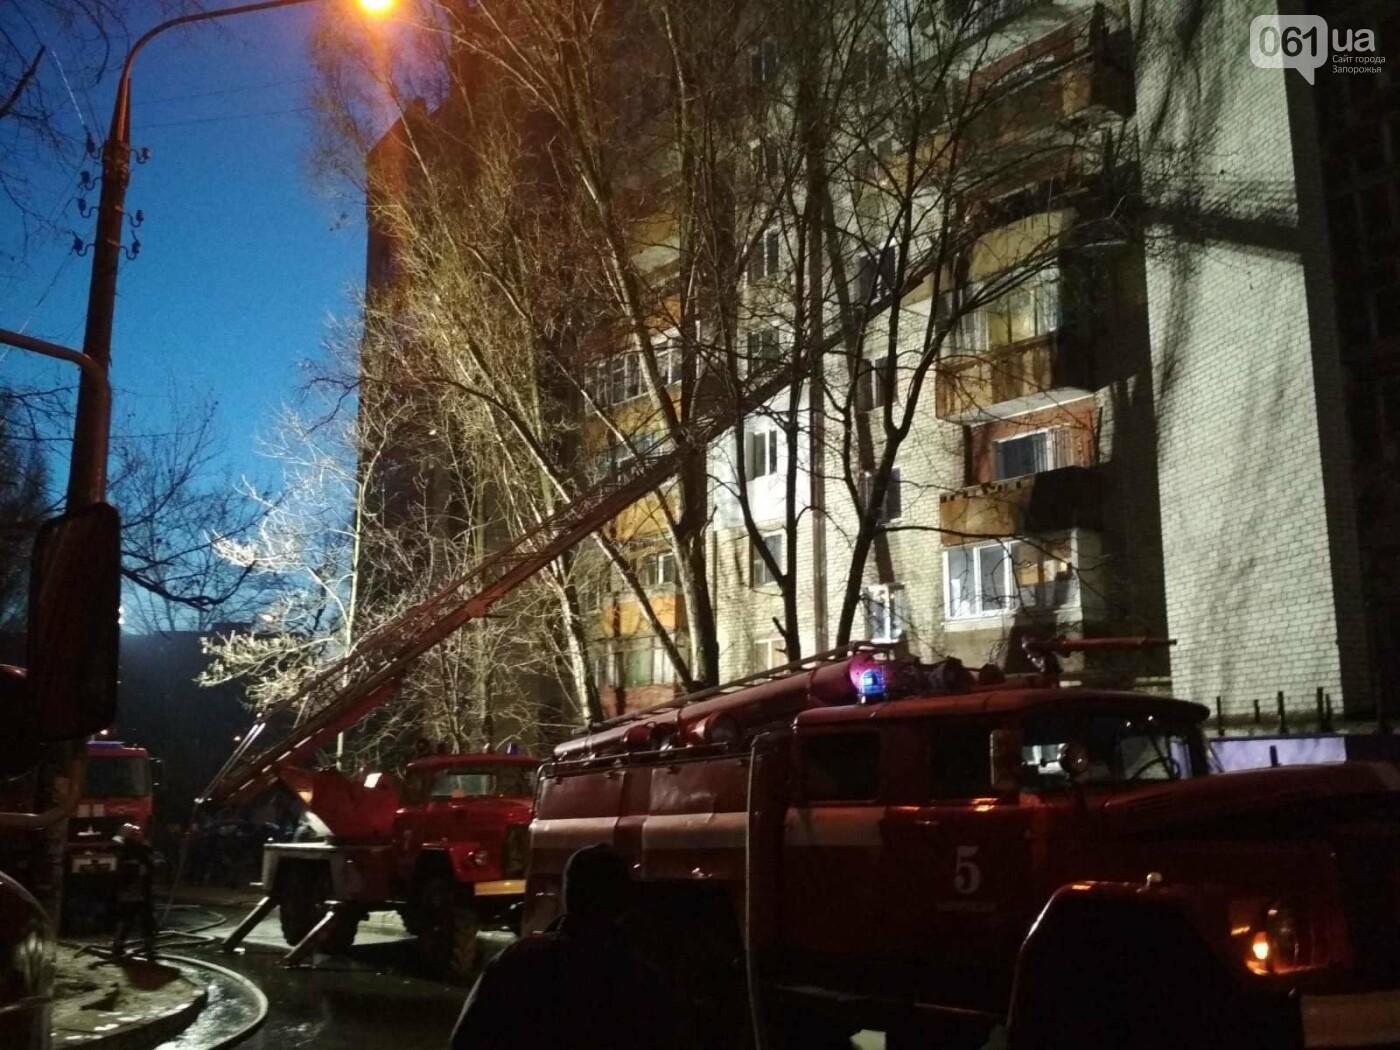 В Запорожье горела квартира - спасатели эвакуировали 7 человек, фото-1